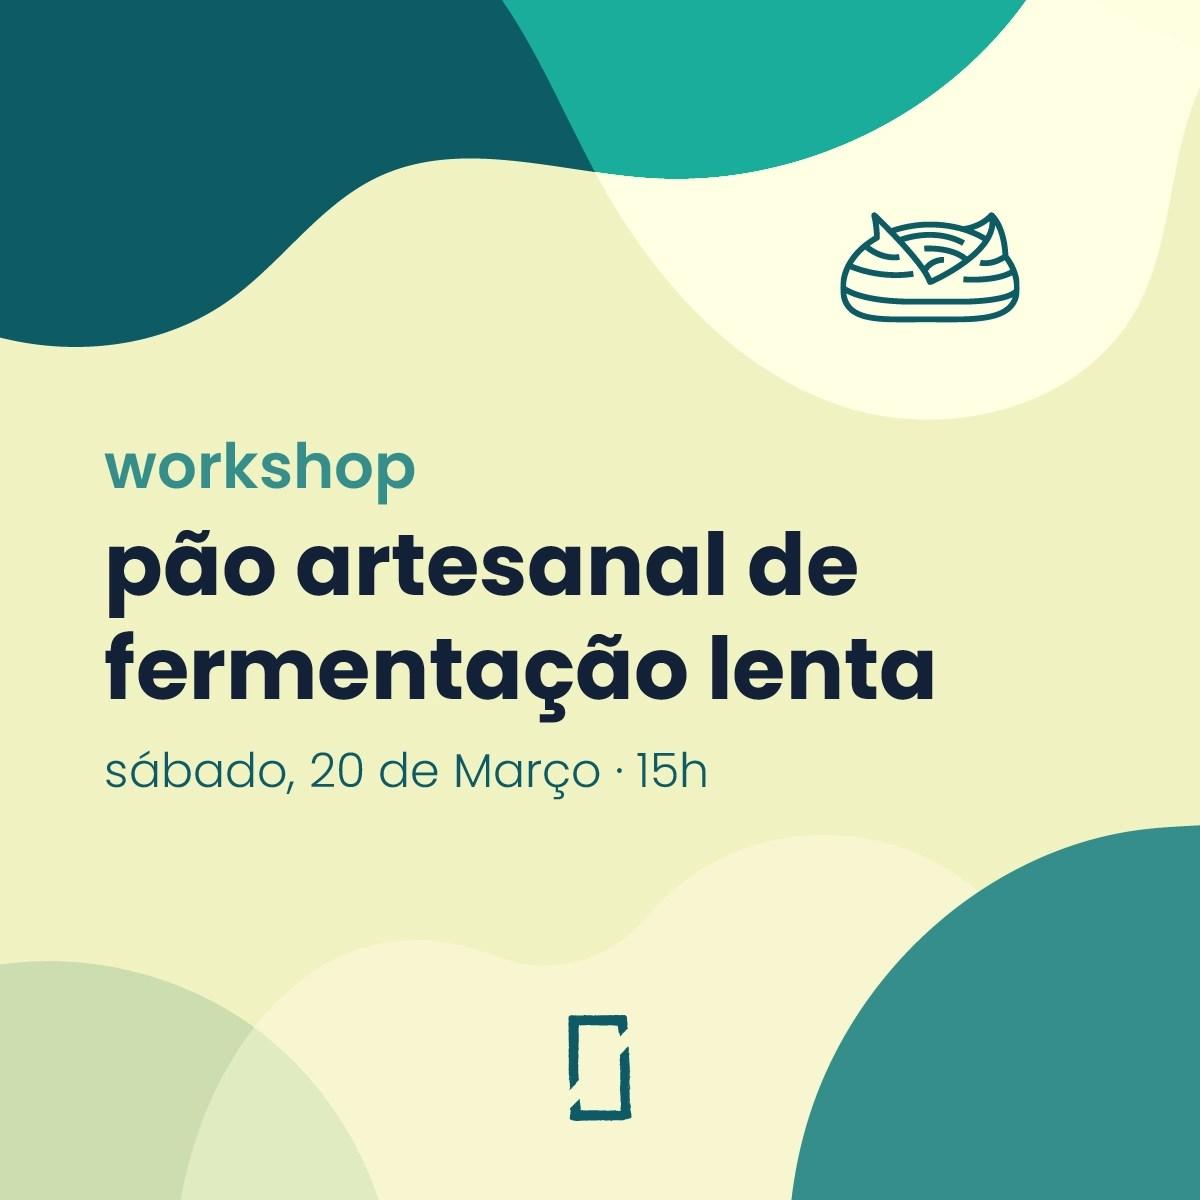 Workshop – pão artesanal de fermentação lenta